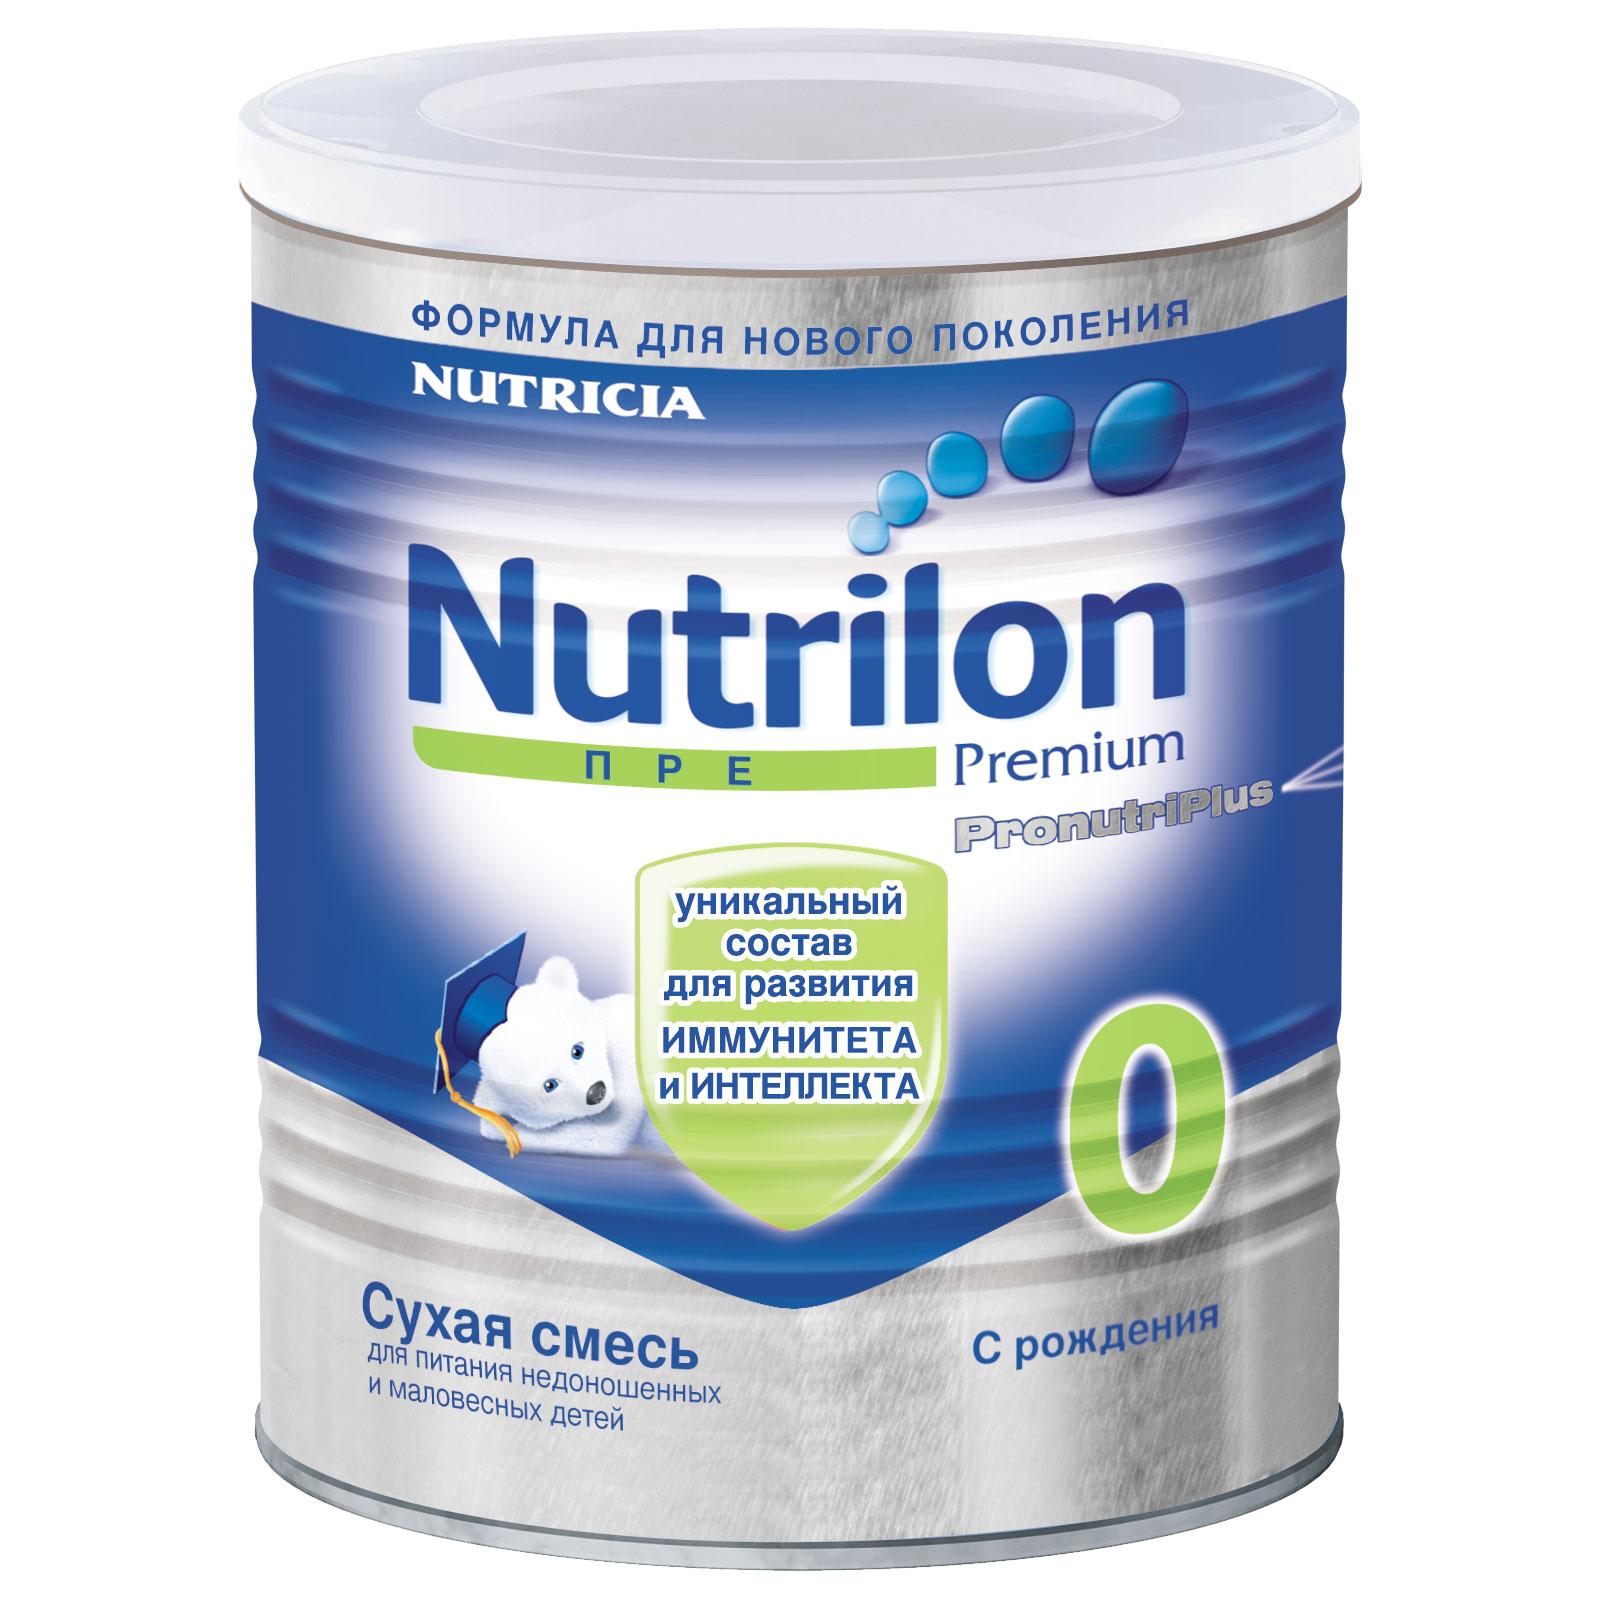 Заменитель Nutricia Nutrilon Пре 400 гр №0 (с 0 мес)<br>